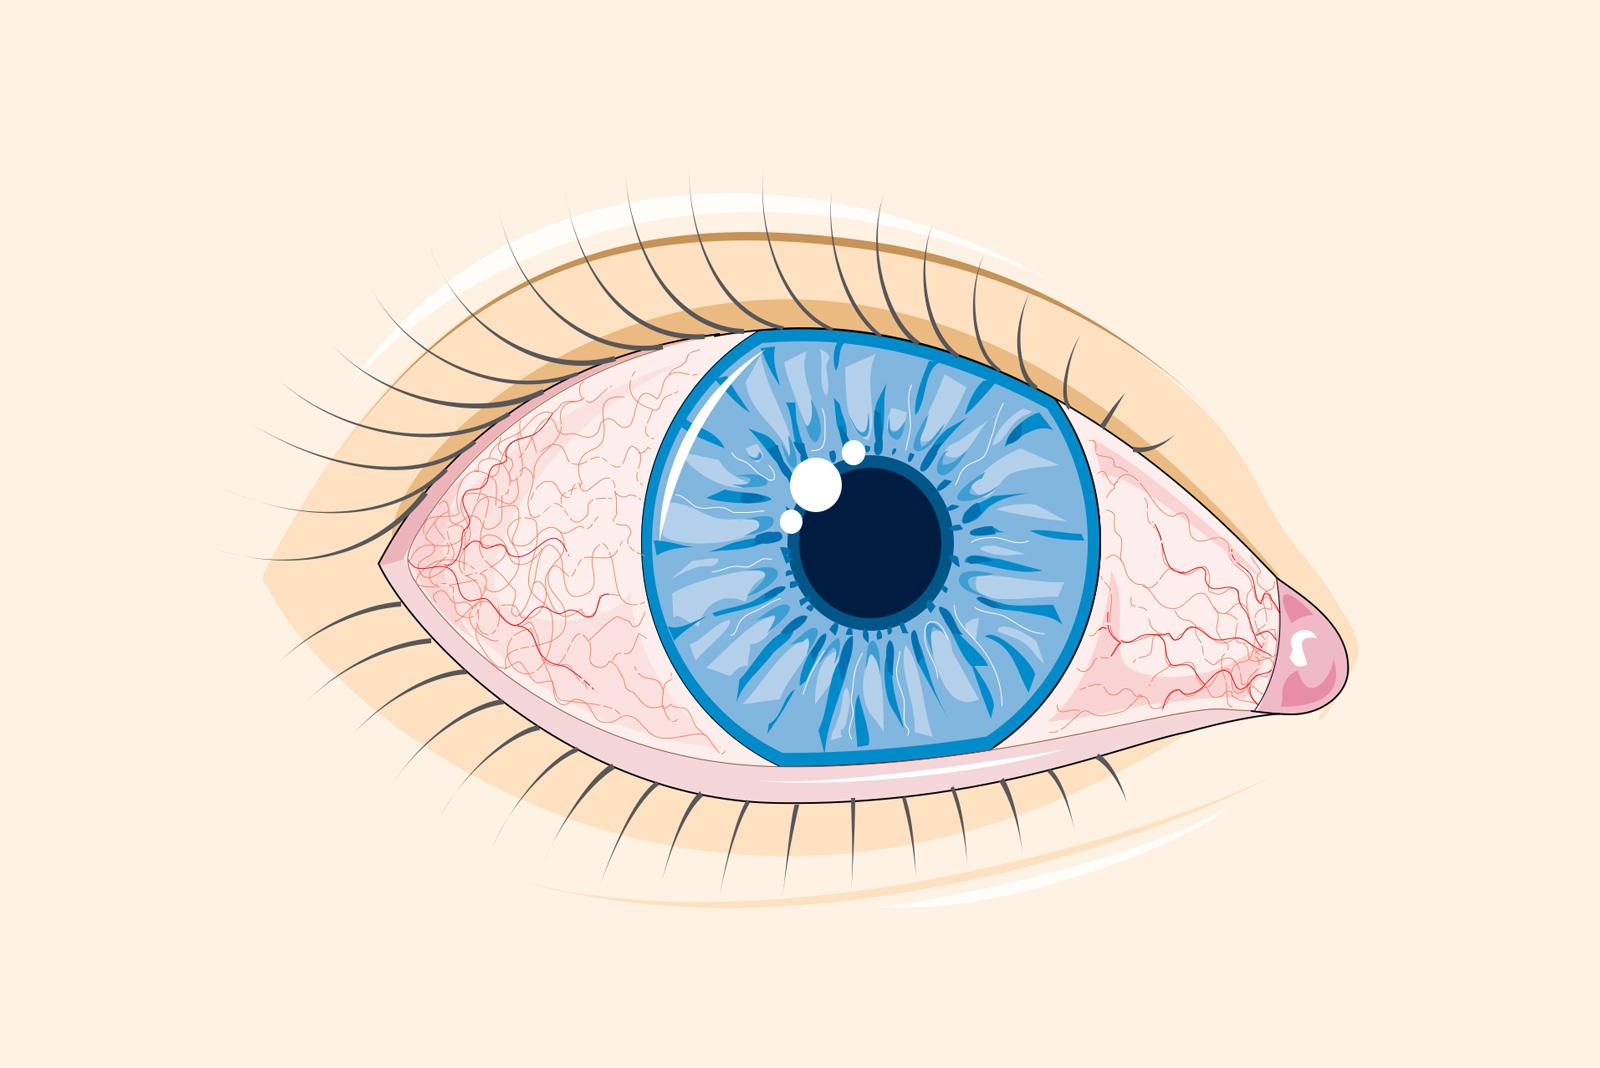 vedere bună ochi obosiți viziune feminină masculină